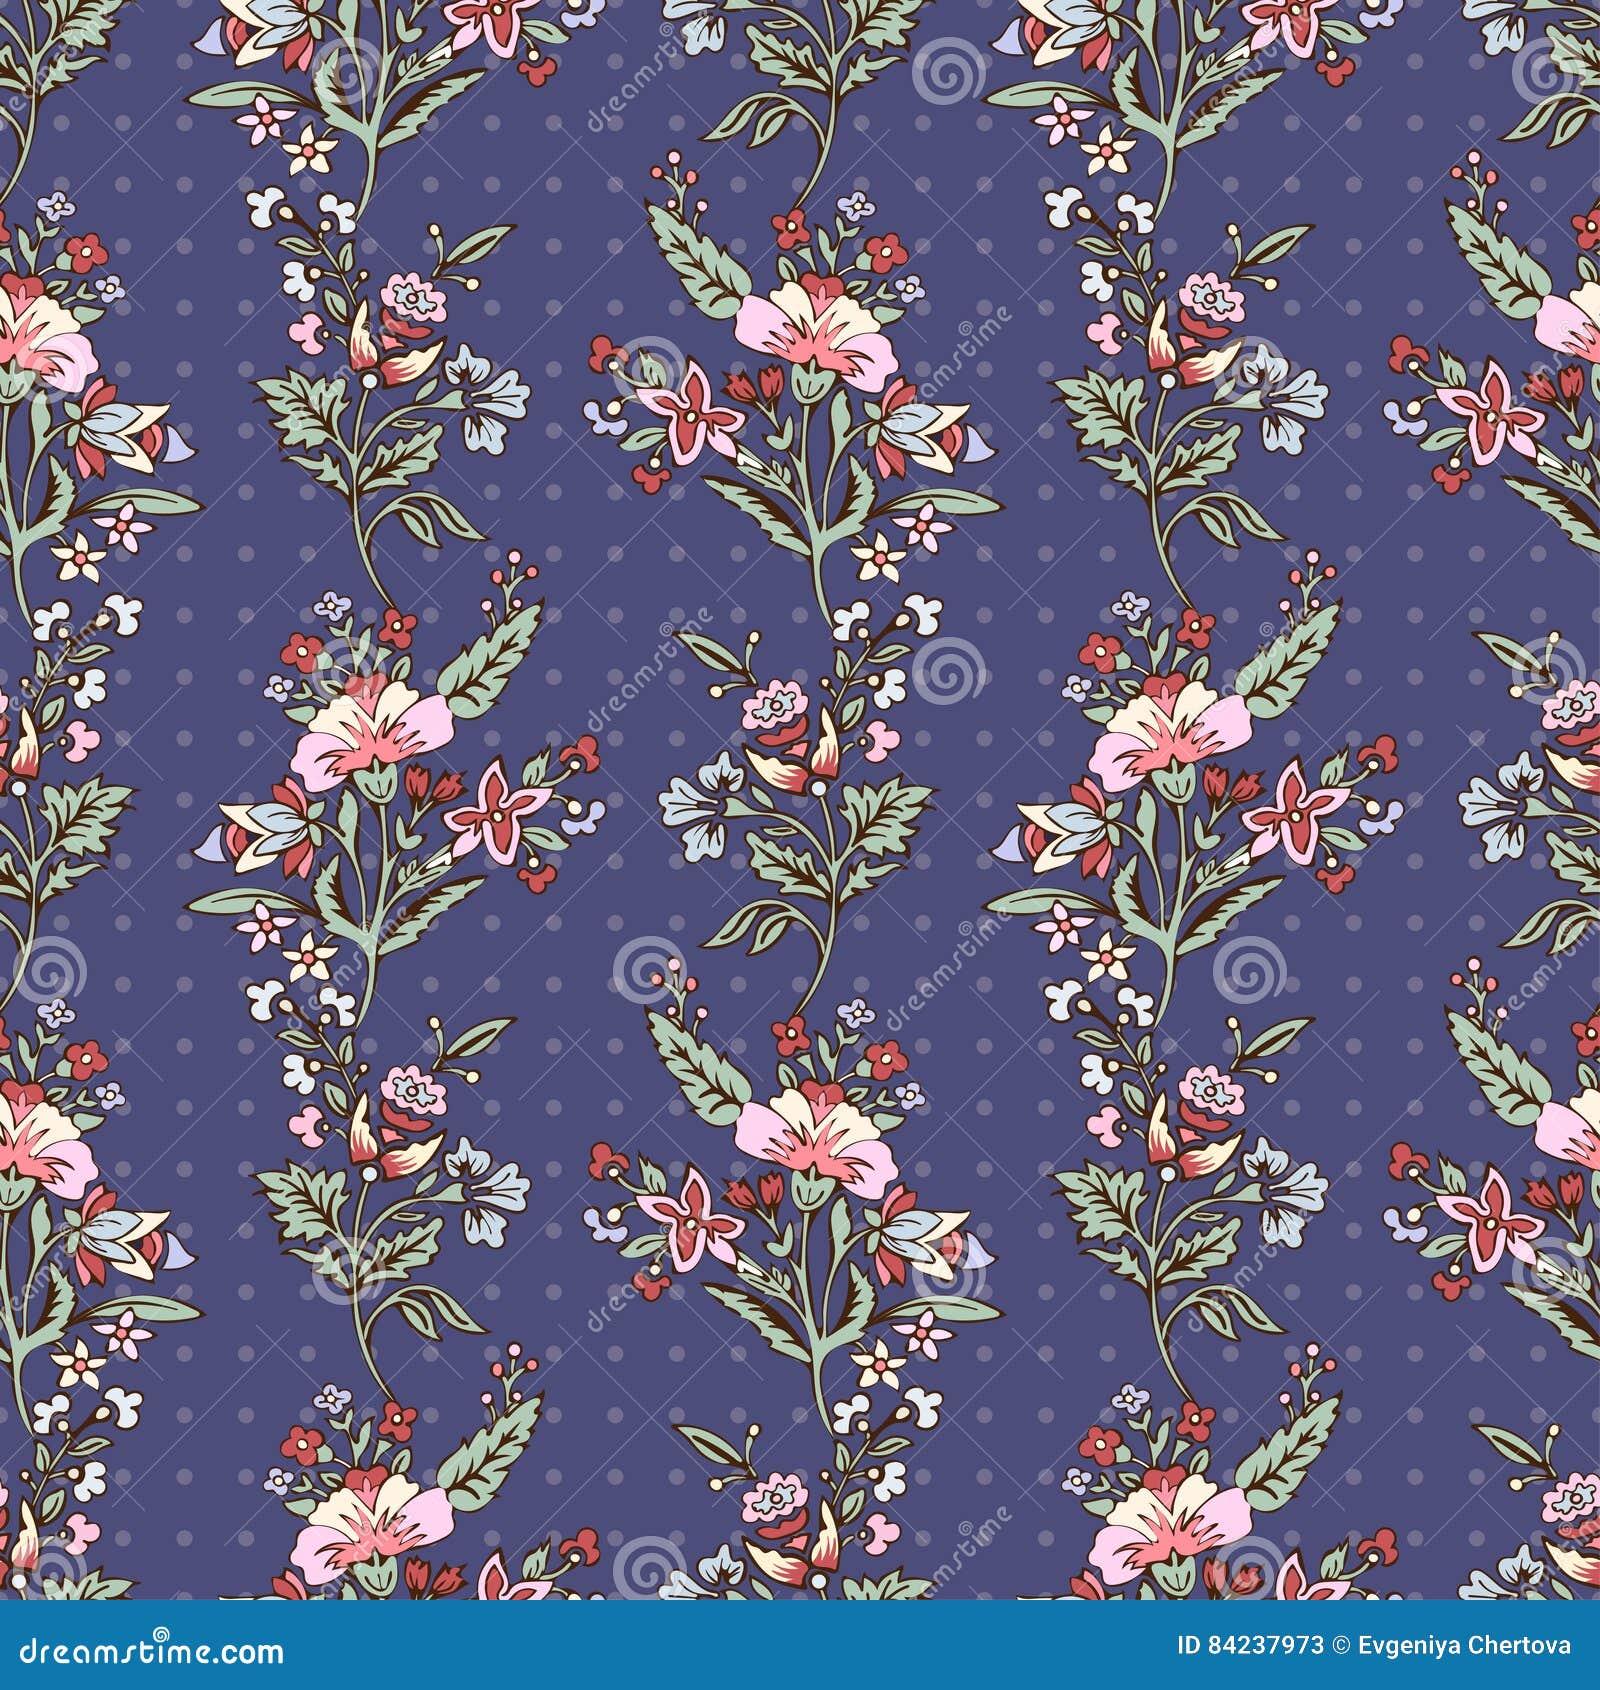 570bea2ce El Extracto Florece El Modelo Inconsútil